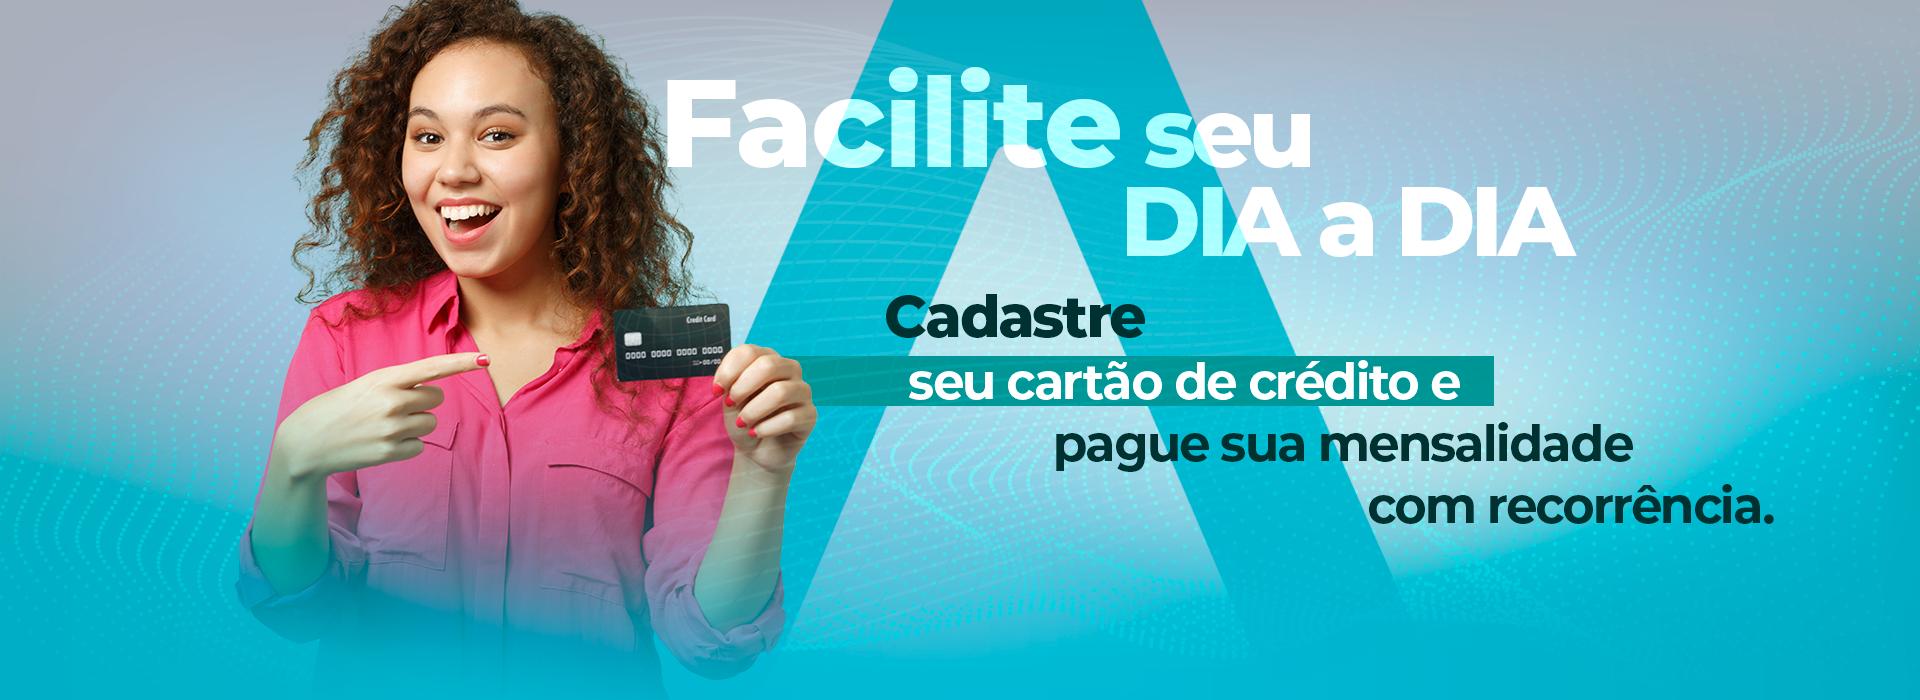 Banner Cartão de crédito